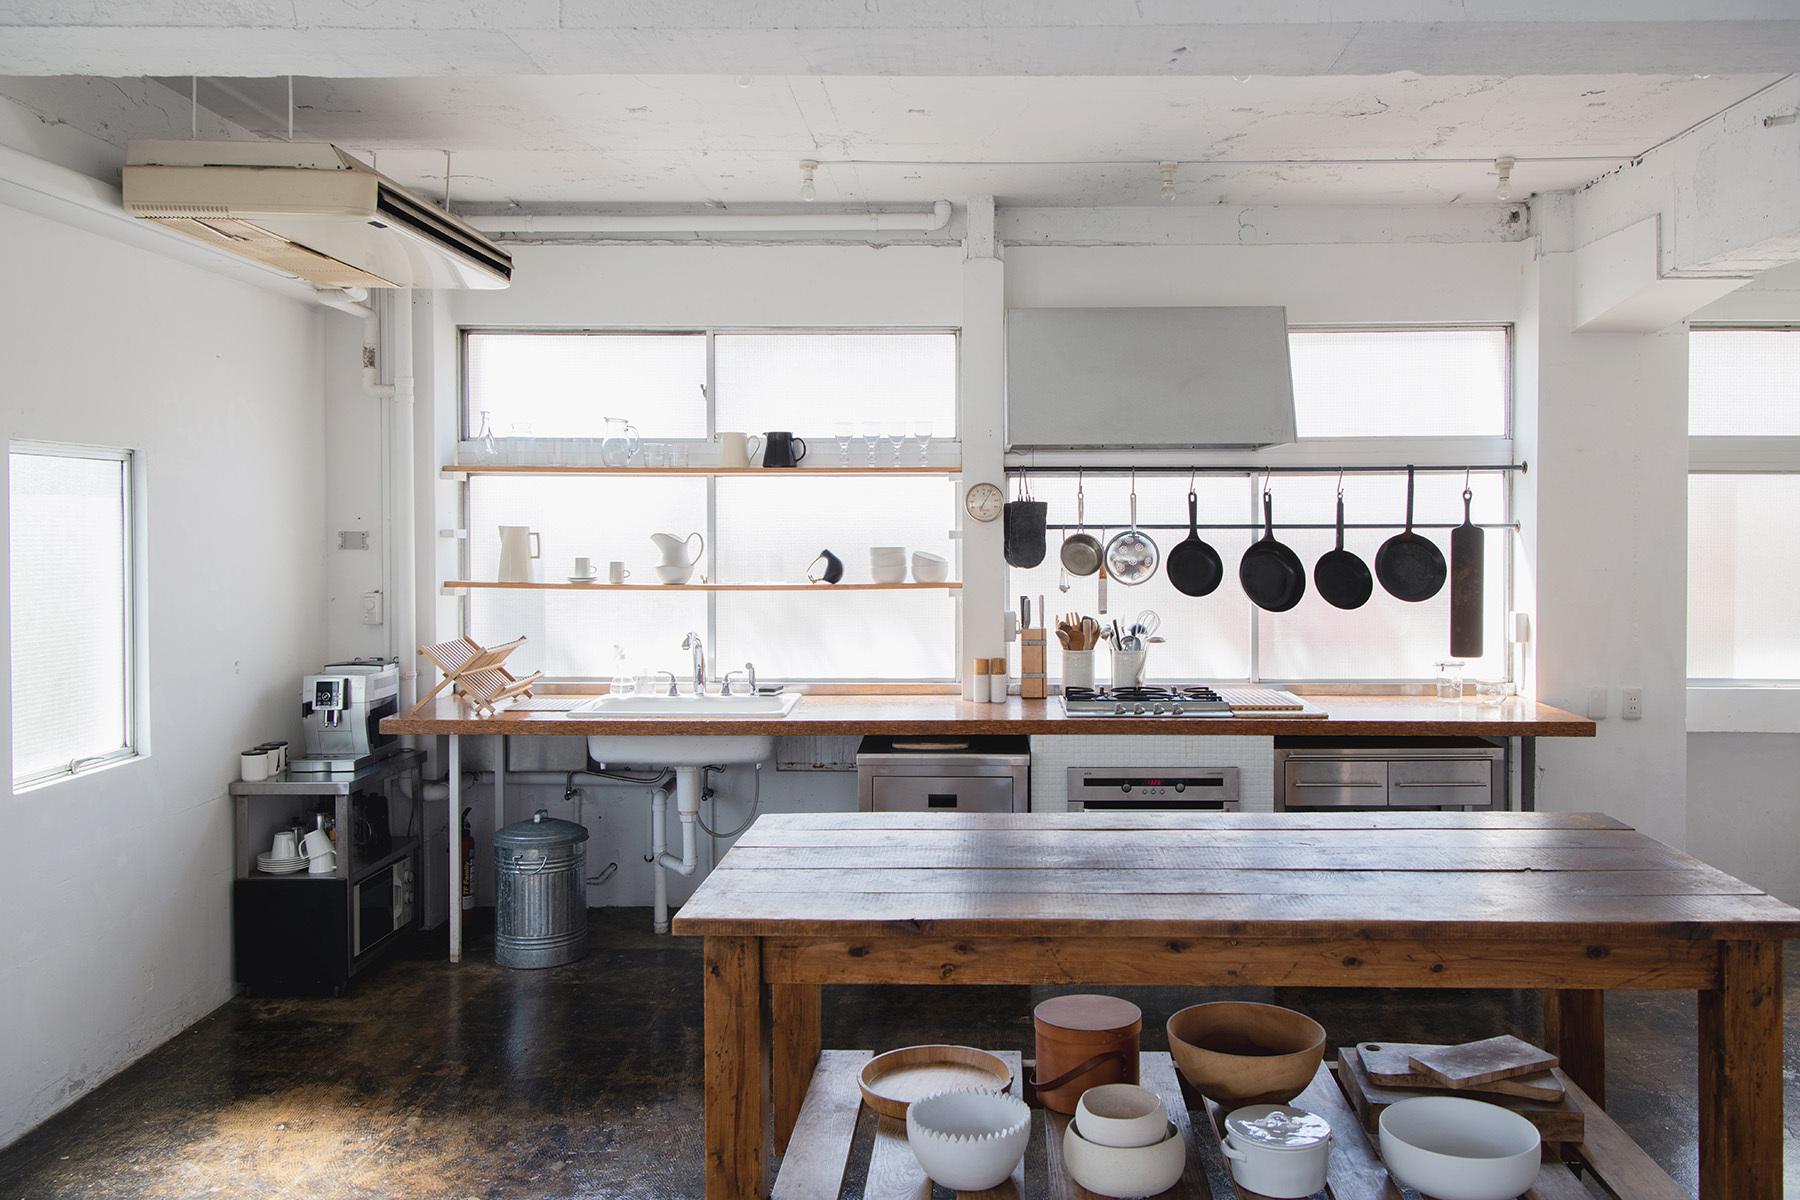 studio rue scipion  (スタジオ リュシピオン)使いやすいキッチン